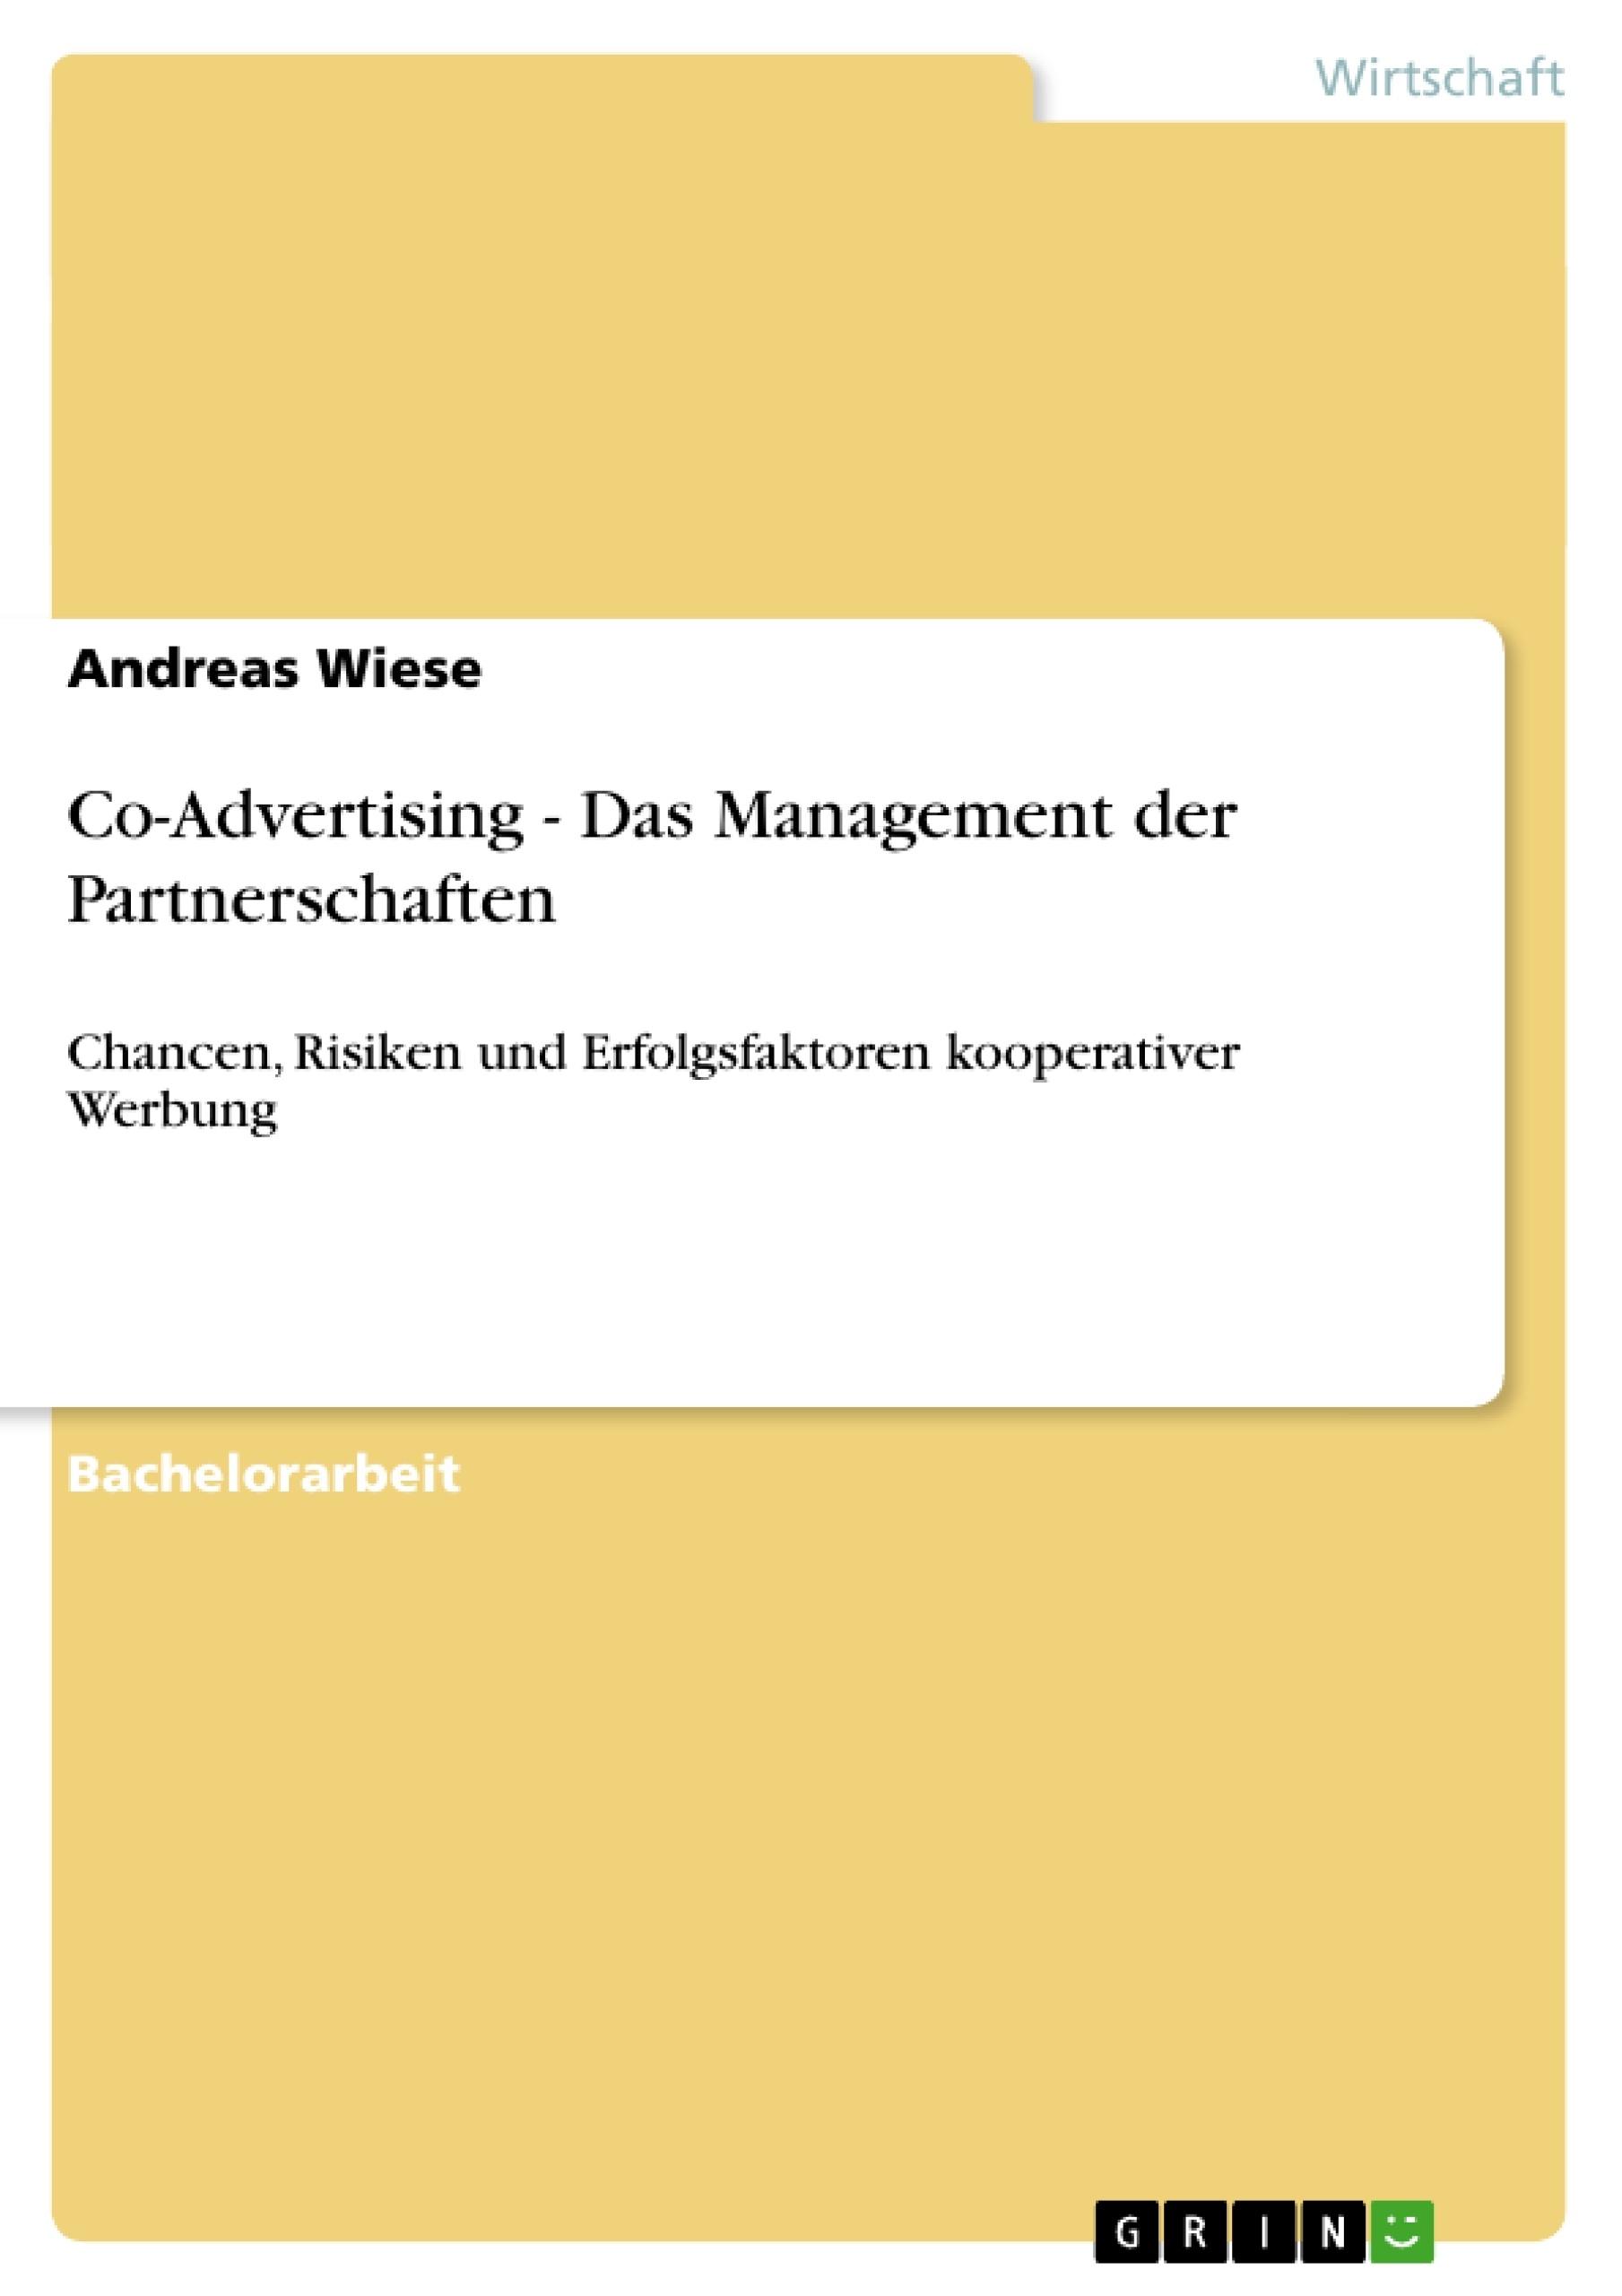 Titel: Co-Advertising - Das Management der Partnerschaften